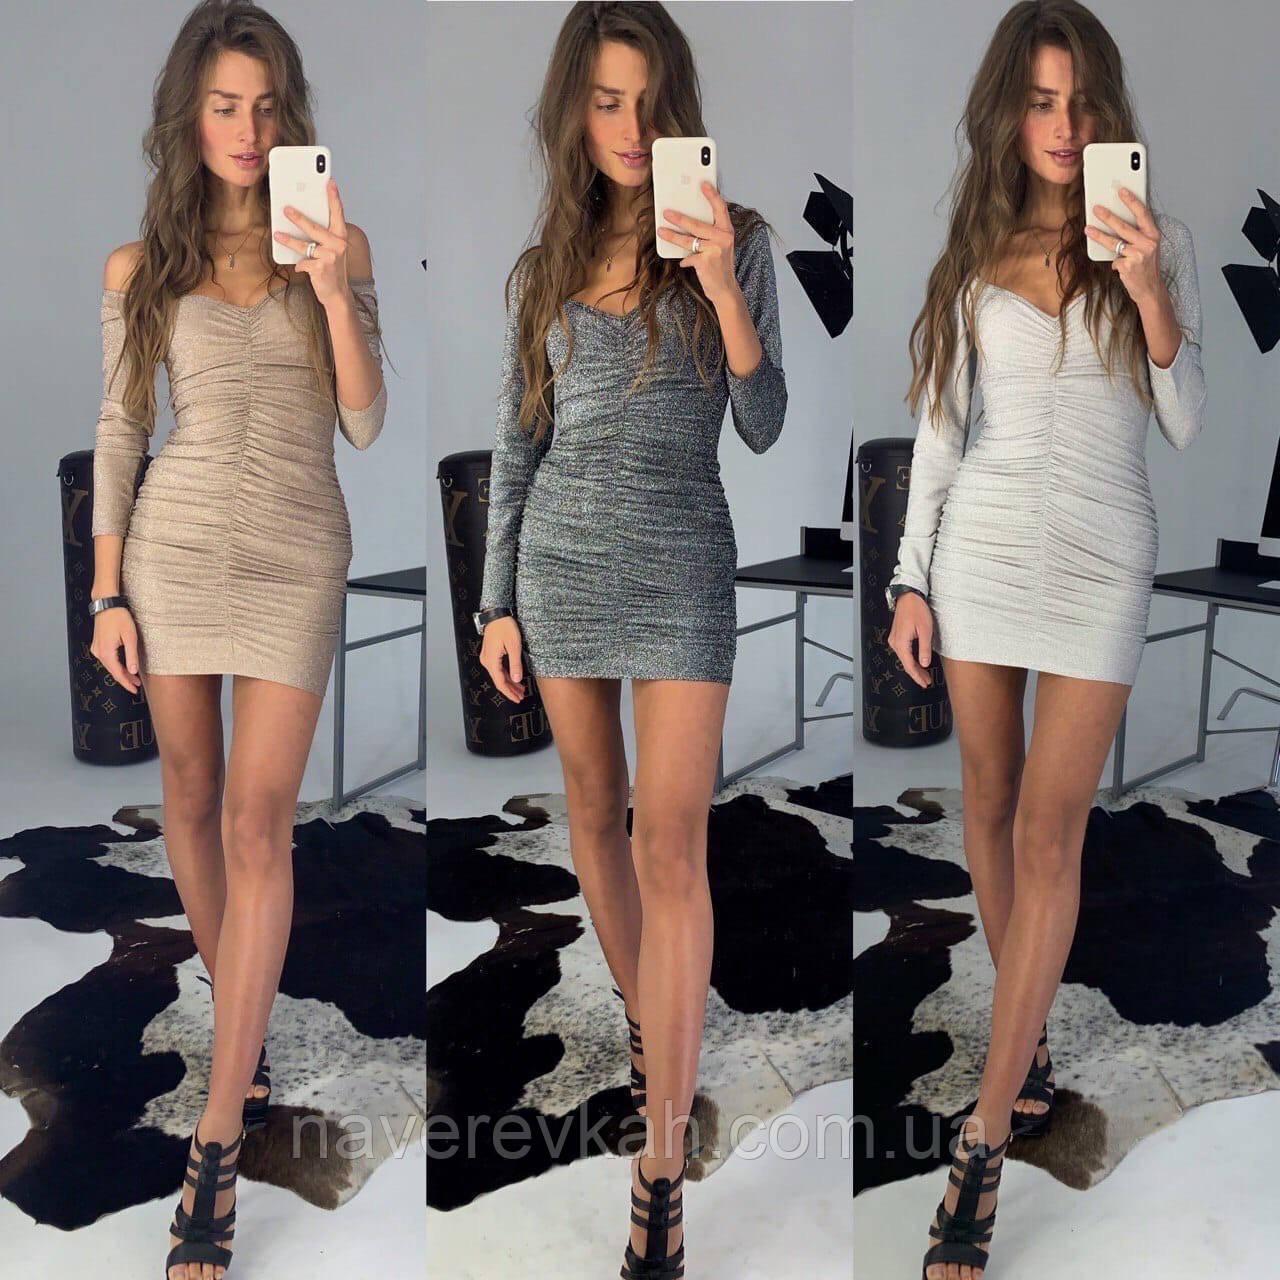 Женское платье люрекс трикотажный графит беж серебро 42-44 44-46